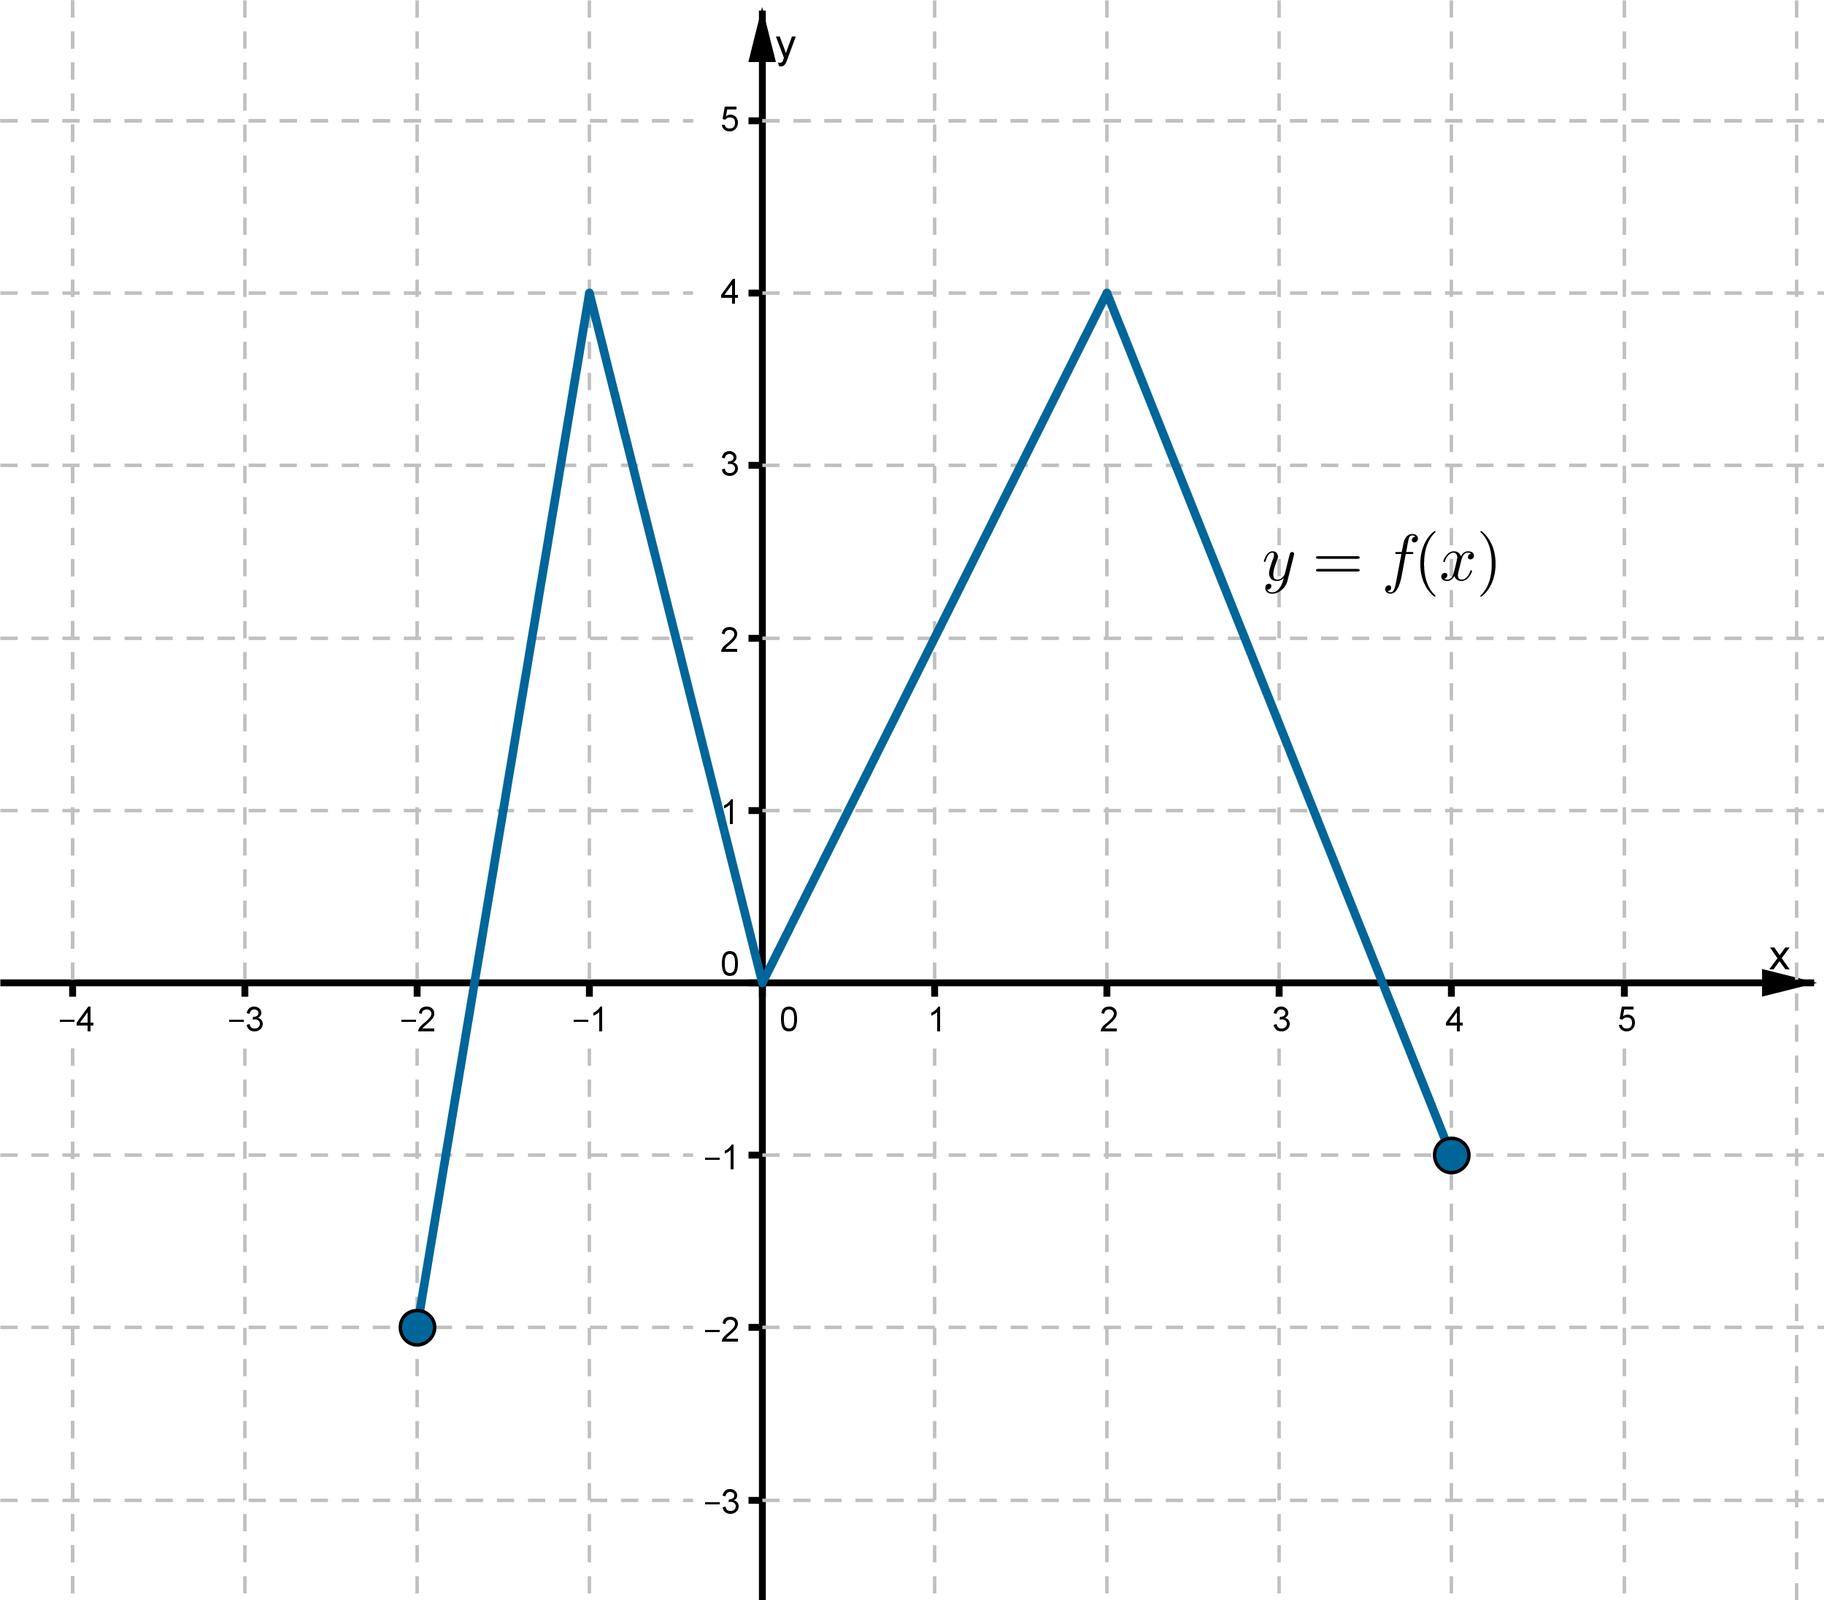 Wykres funkcji fwpostaci łamanej złożonej zczterech odcinków leżącej wpierwszej, drugiej itrzeciej ćwiartce układu współrzędnych. Funkcja ma trzy miejsca zerowe. Punkty owspółrzędnych (0, 0), (4, -1) należą do wykresu funkcji. Największą wartość funkcja przyjmuje wpunktach owspółrzędnych (-1, 4), (2, 4). Najmniejszą wartość funkcja przyjmuje wpunkcie owspółrzędnych (-2, -2).